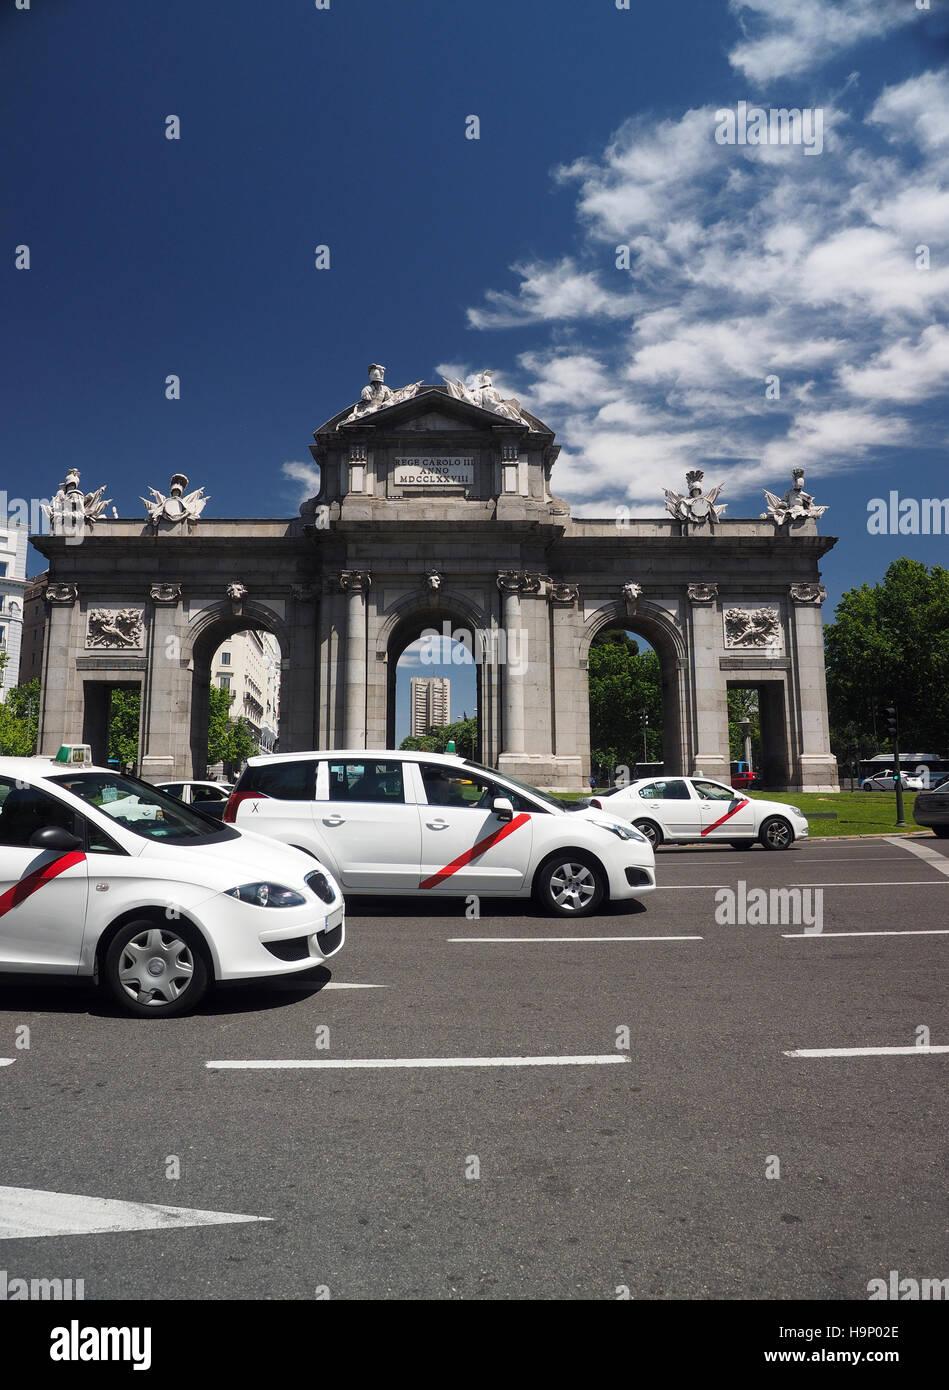 Los taxis conducir alrededor de Puerto de Alcalá Madrid España Europa, puerta momorial rotonda alrededor Imagen De Stock